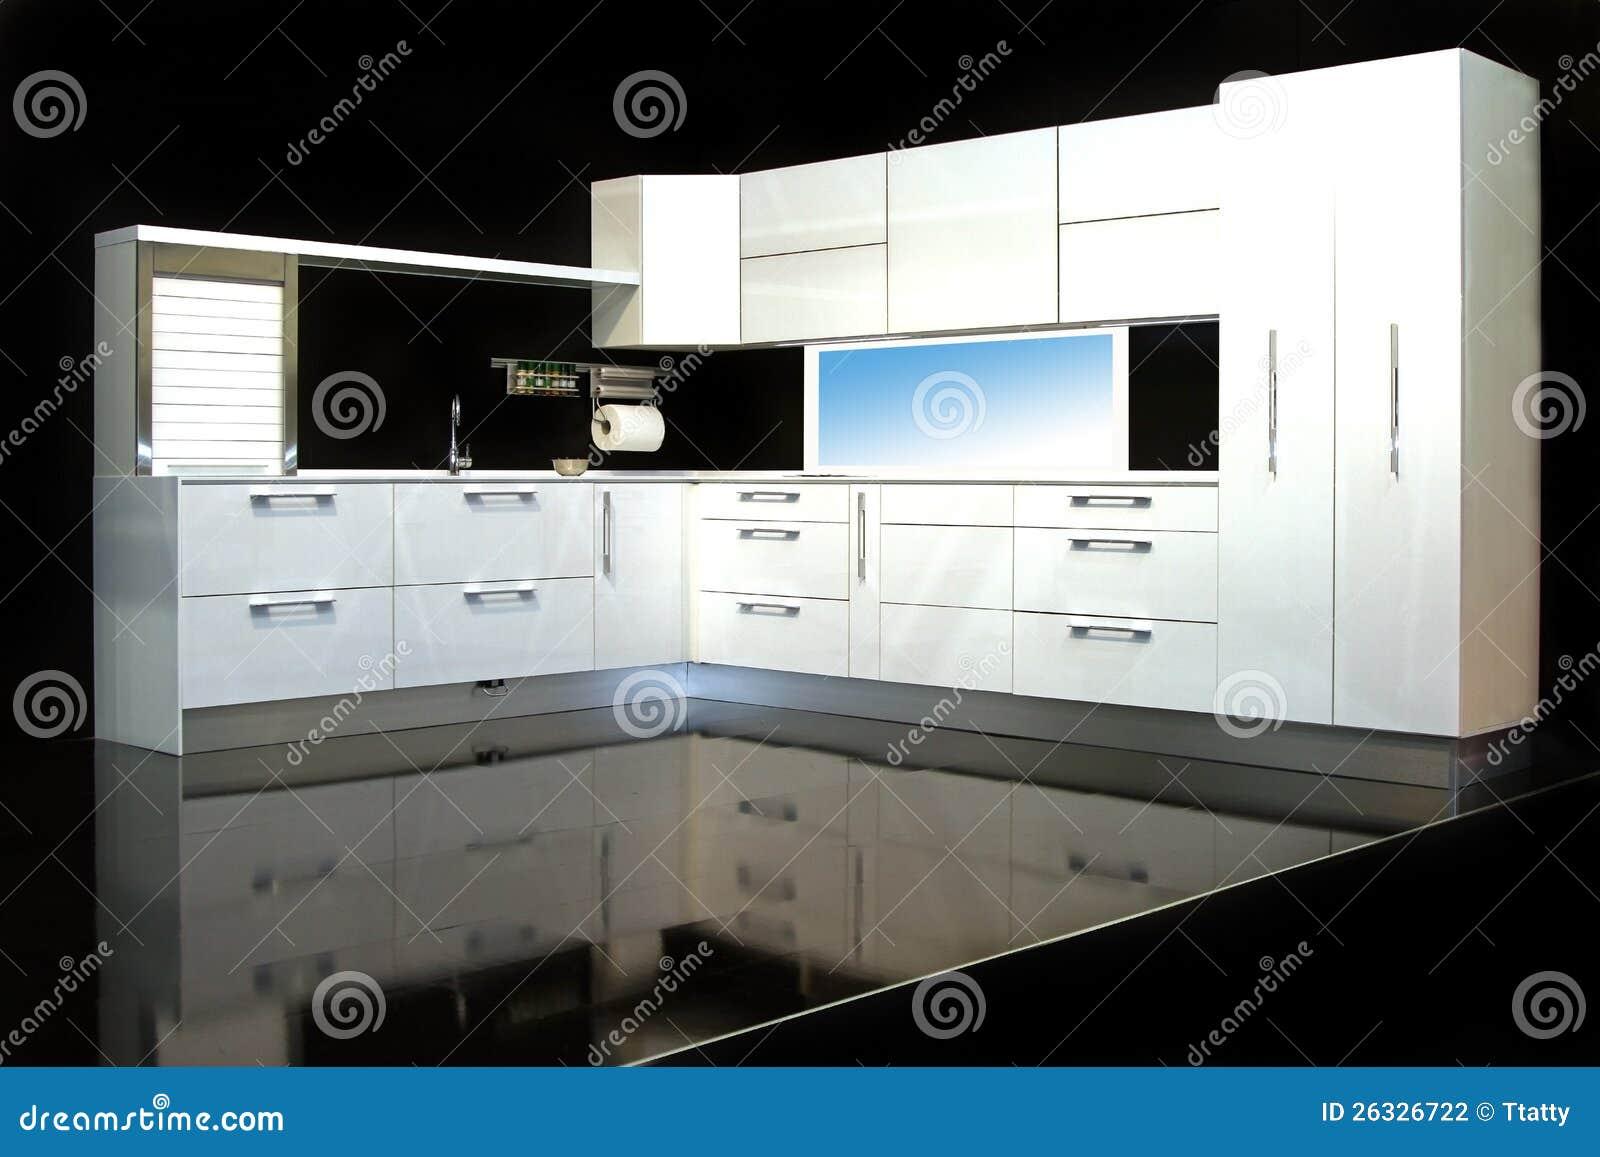 Weiße Küche stockfoto. Bild von schrank, geöffnet, küche - 26326722